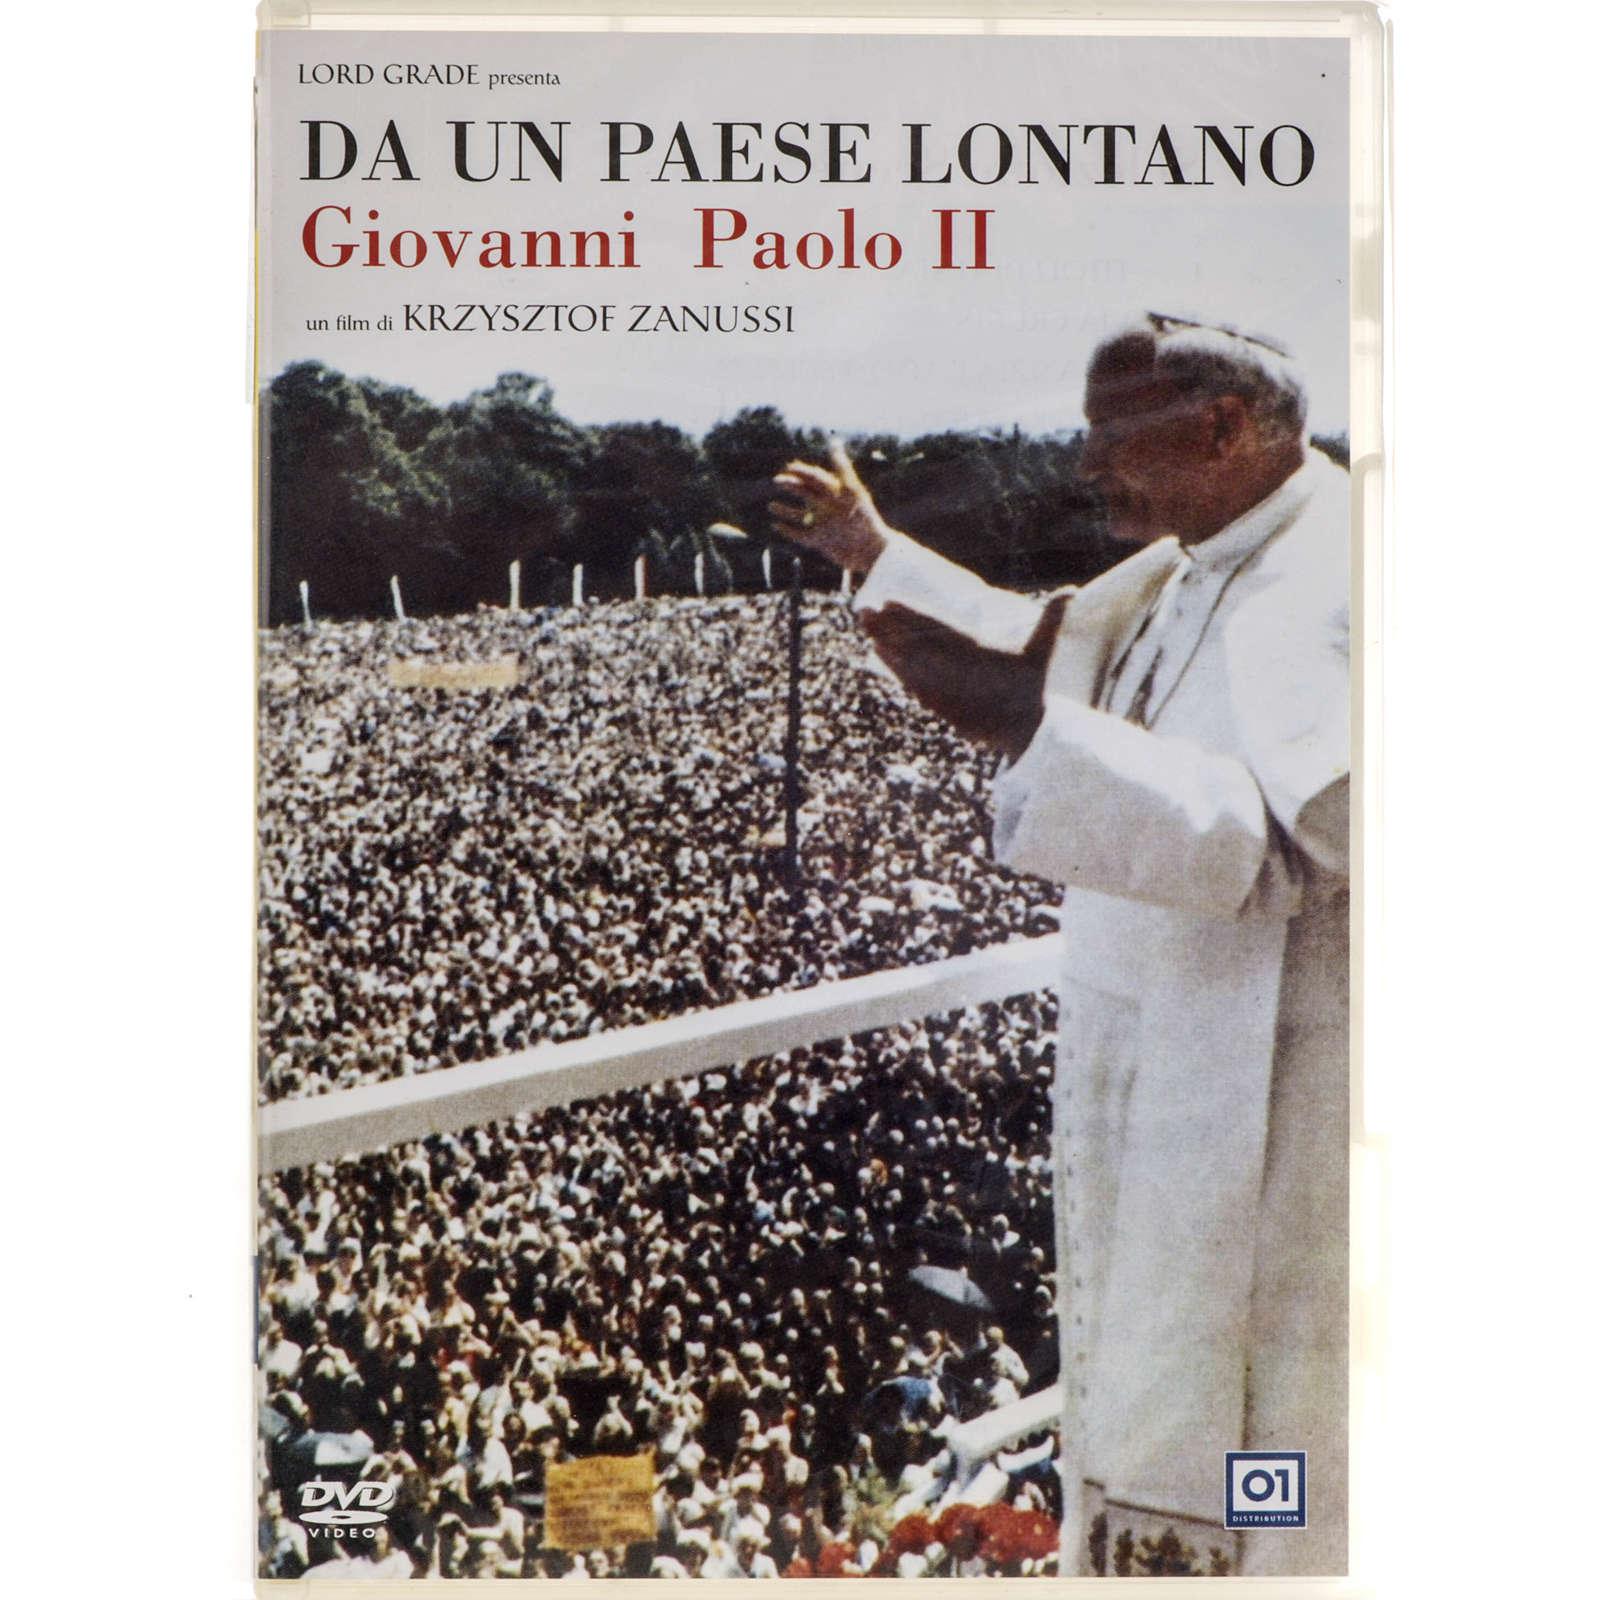 Da un paese lontano - Giovanni Paolo II 3